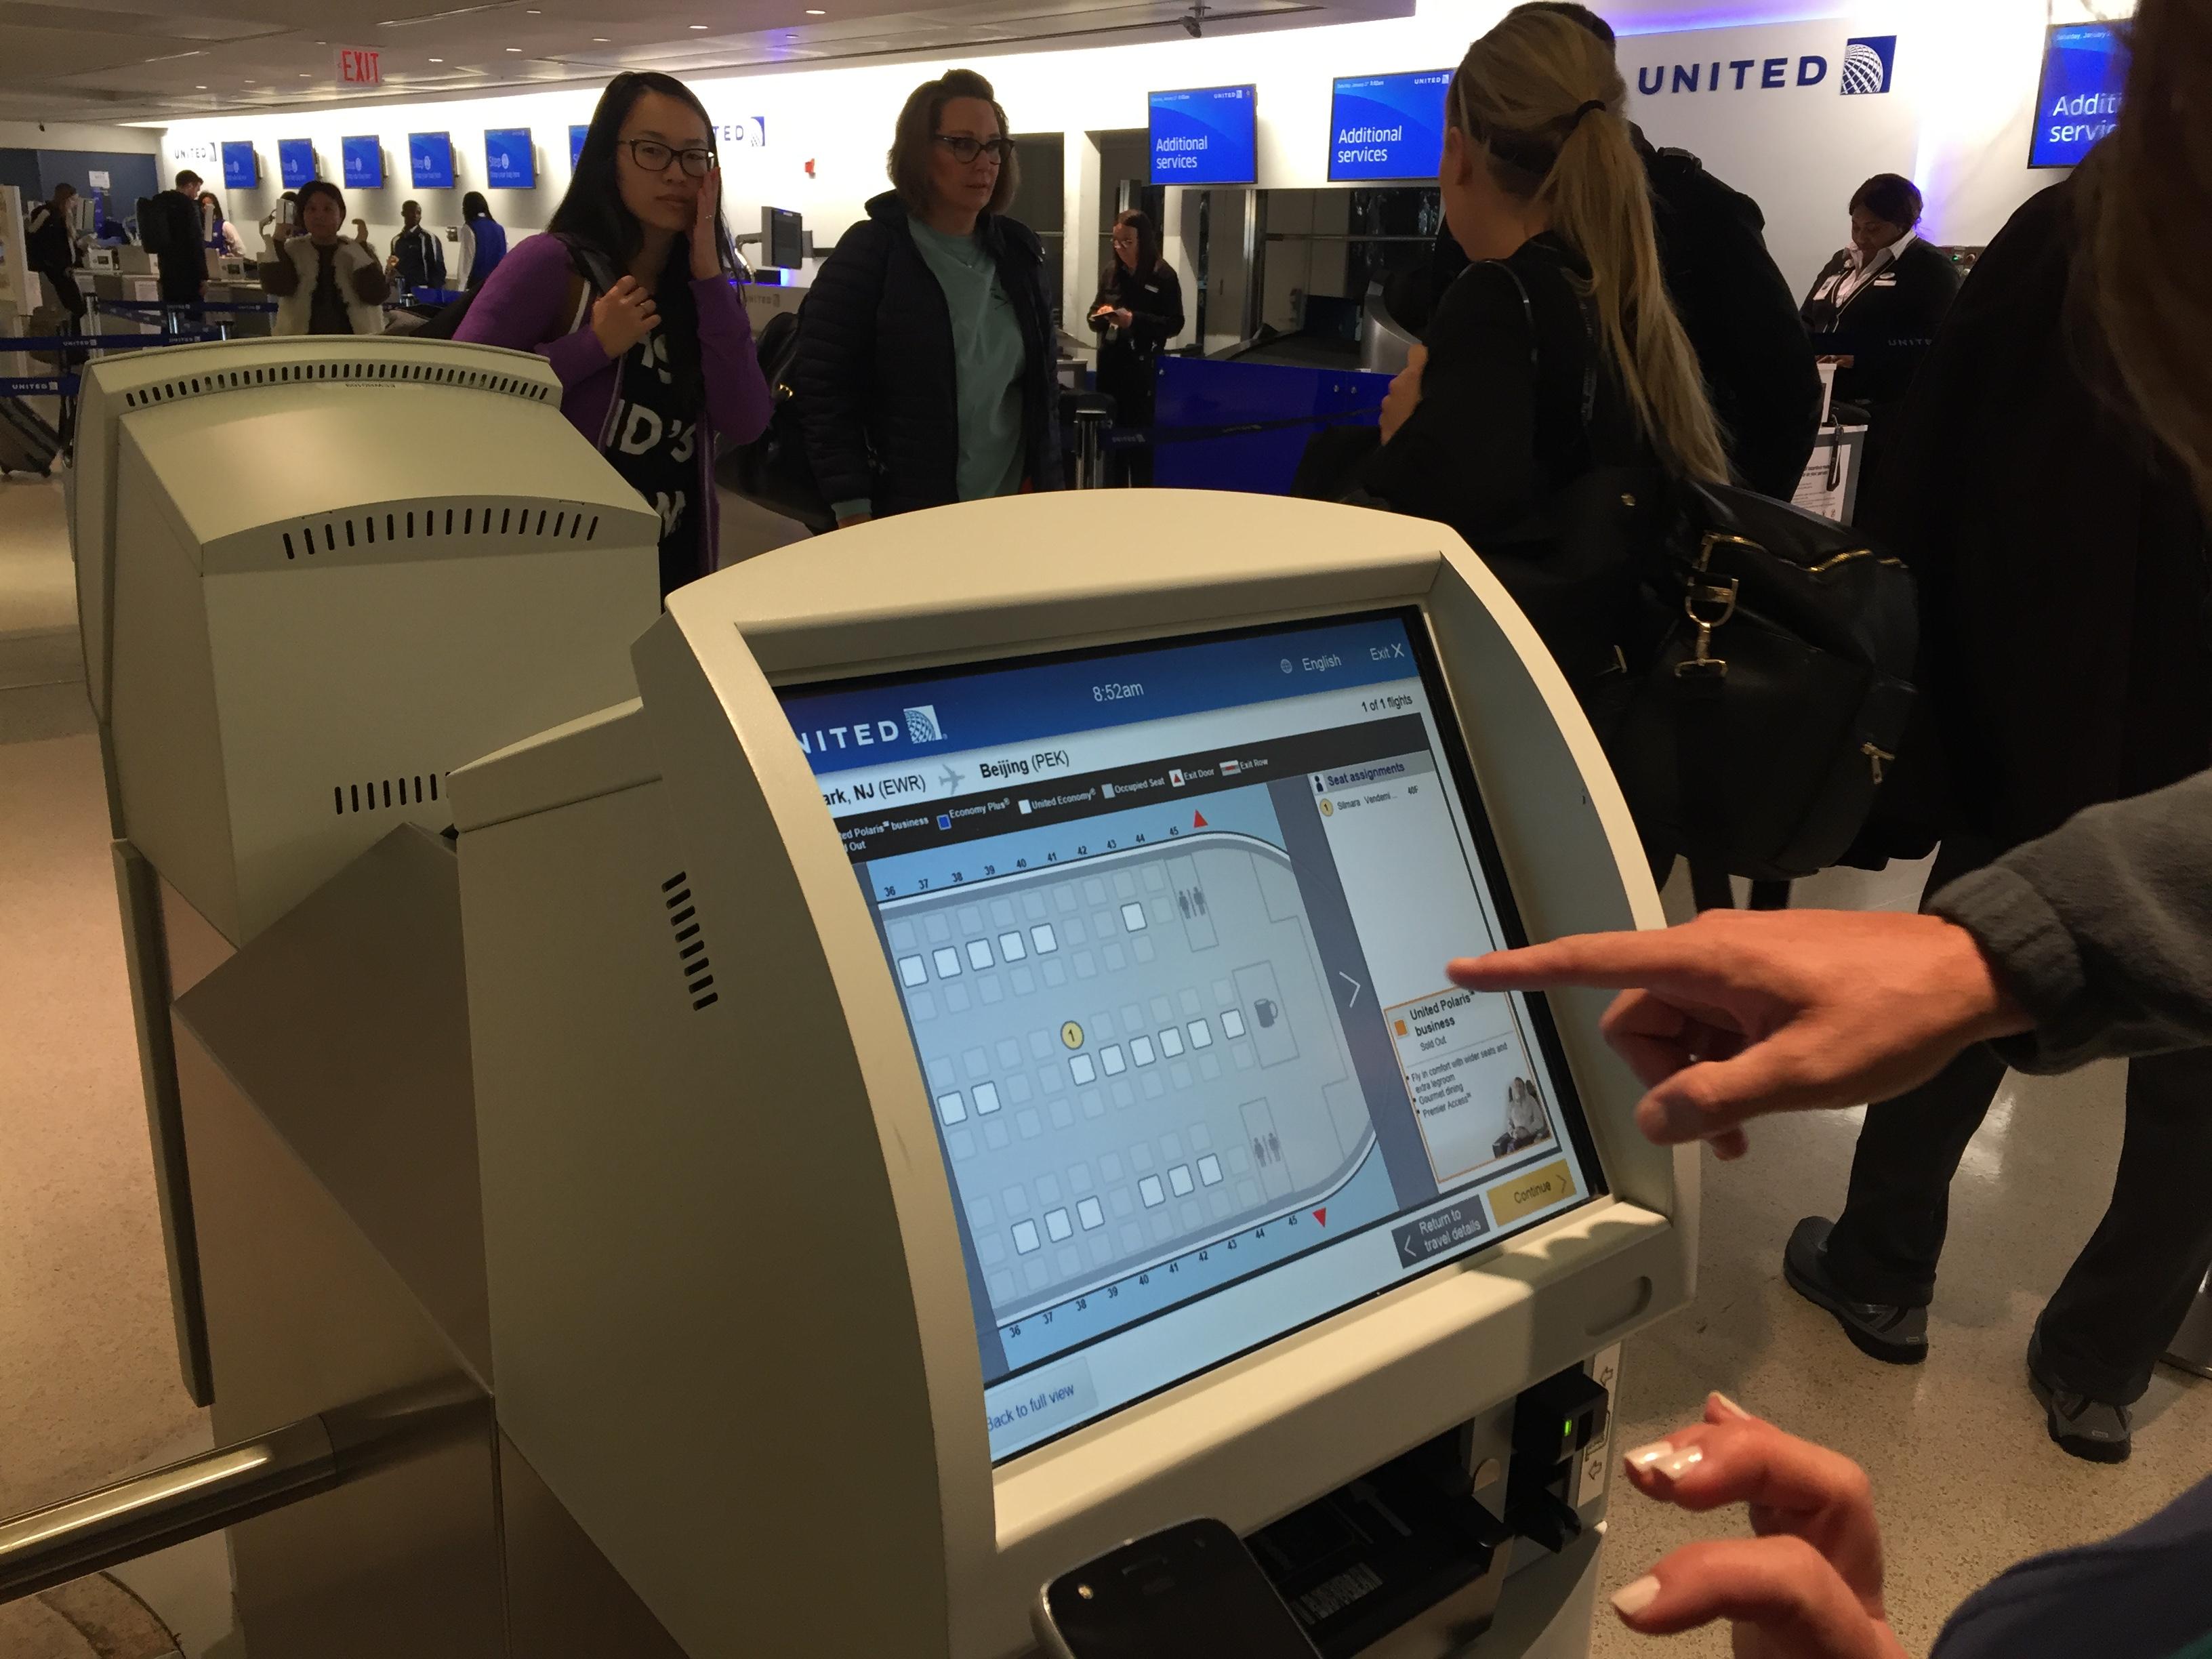 IMG 3571 - Haciendo el check in automático de United en Newark